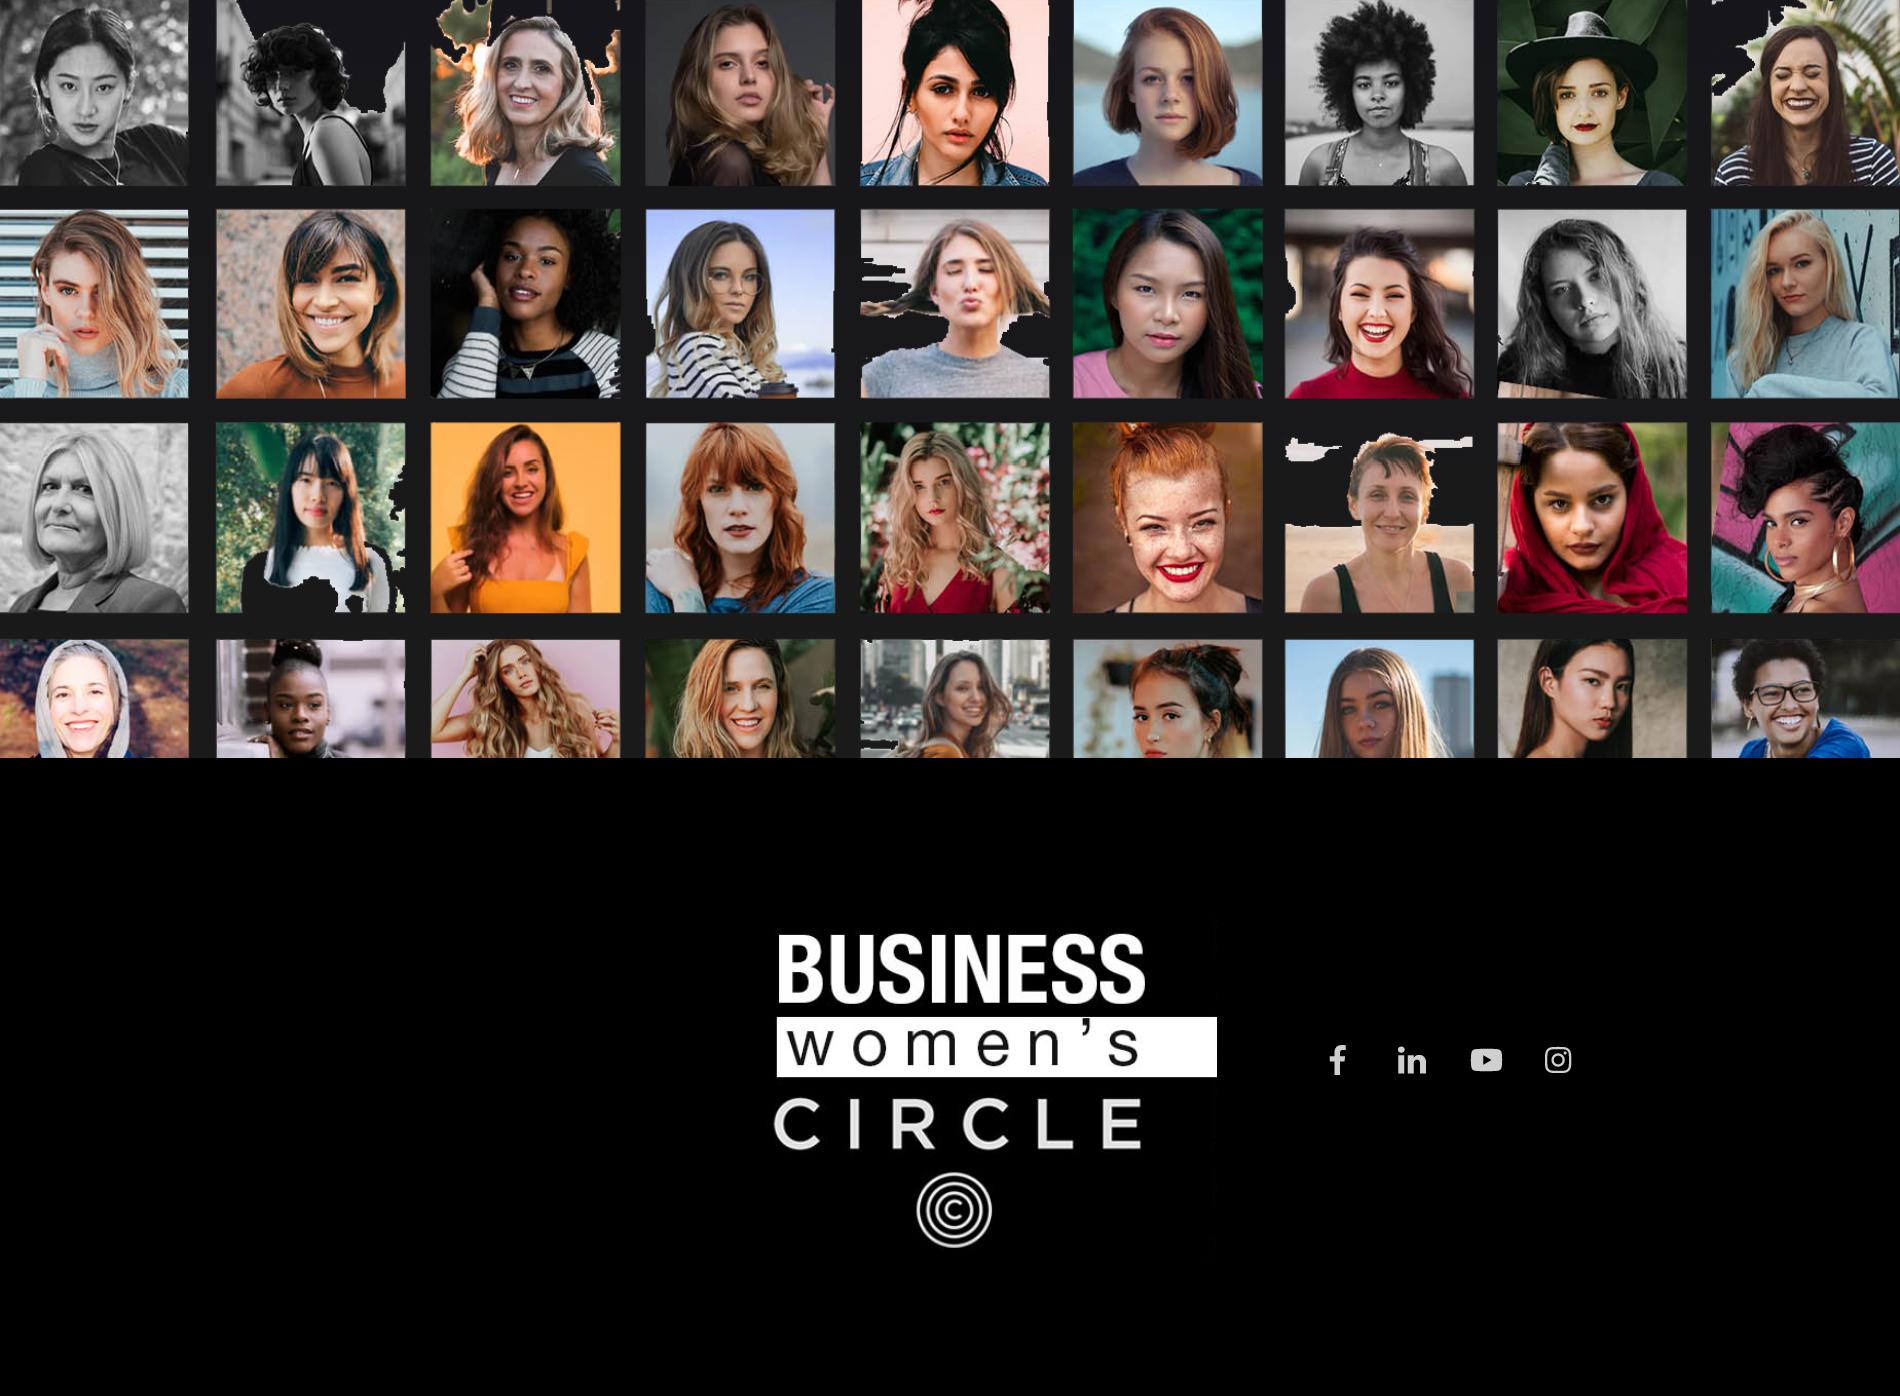 ivunited-ivstudios-pixi-businesswomenscircle-org-2021-06-02-20_50_59